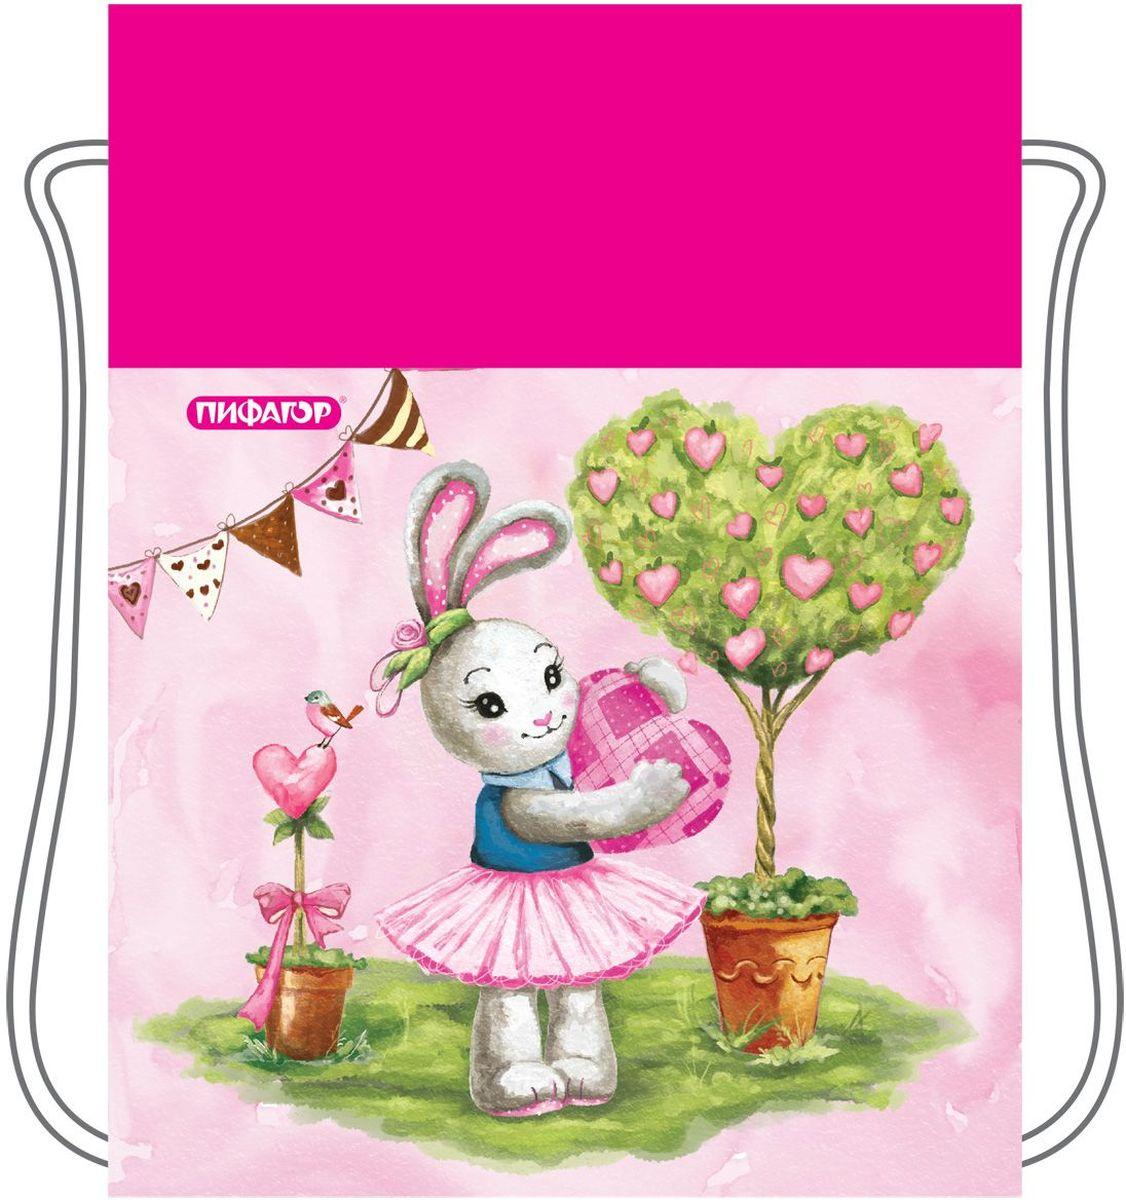 Пифагор Сумка для детской обуви Зайка цвет розовый226528Сумка для обуви Пифагор предназначена для детей 7-10 лет. Вместительная сумка затягивается шнурком. Яркий тематический принт поможет школьнику проявить индивидуальность.Водоотталкивающая пропитка ткани.